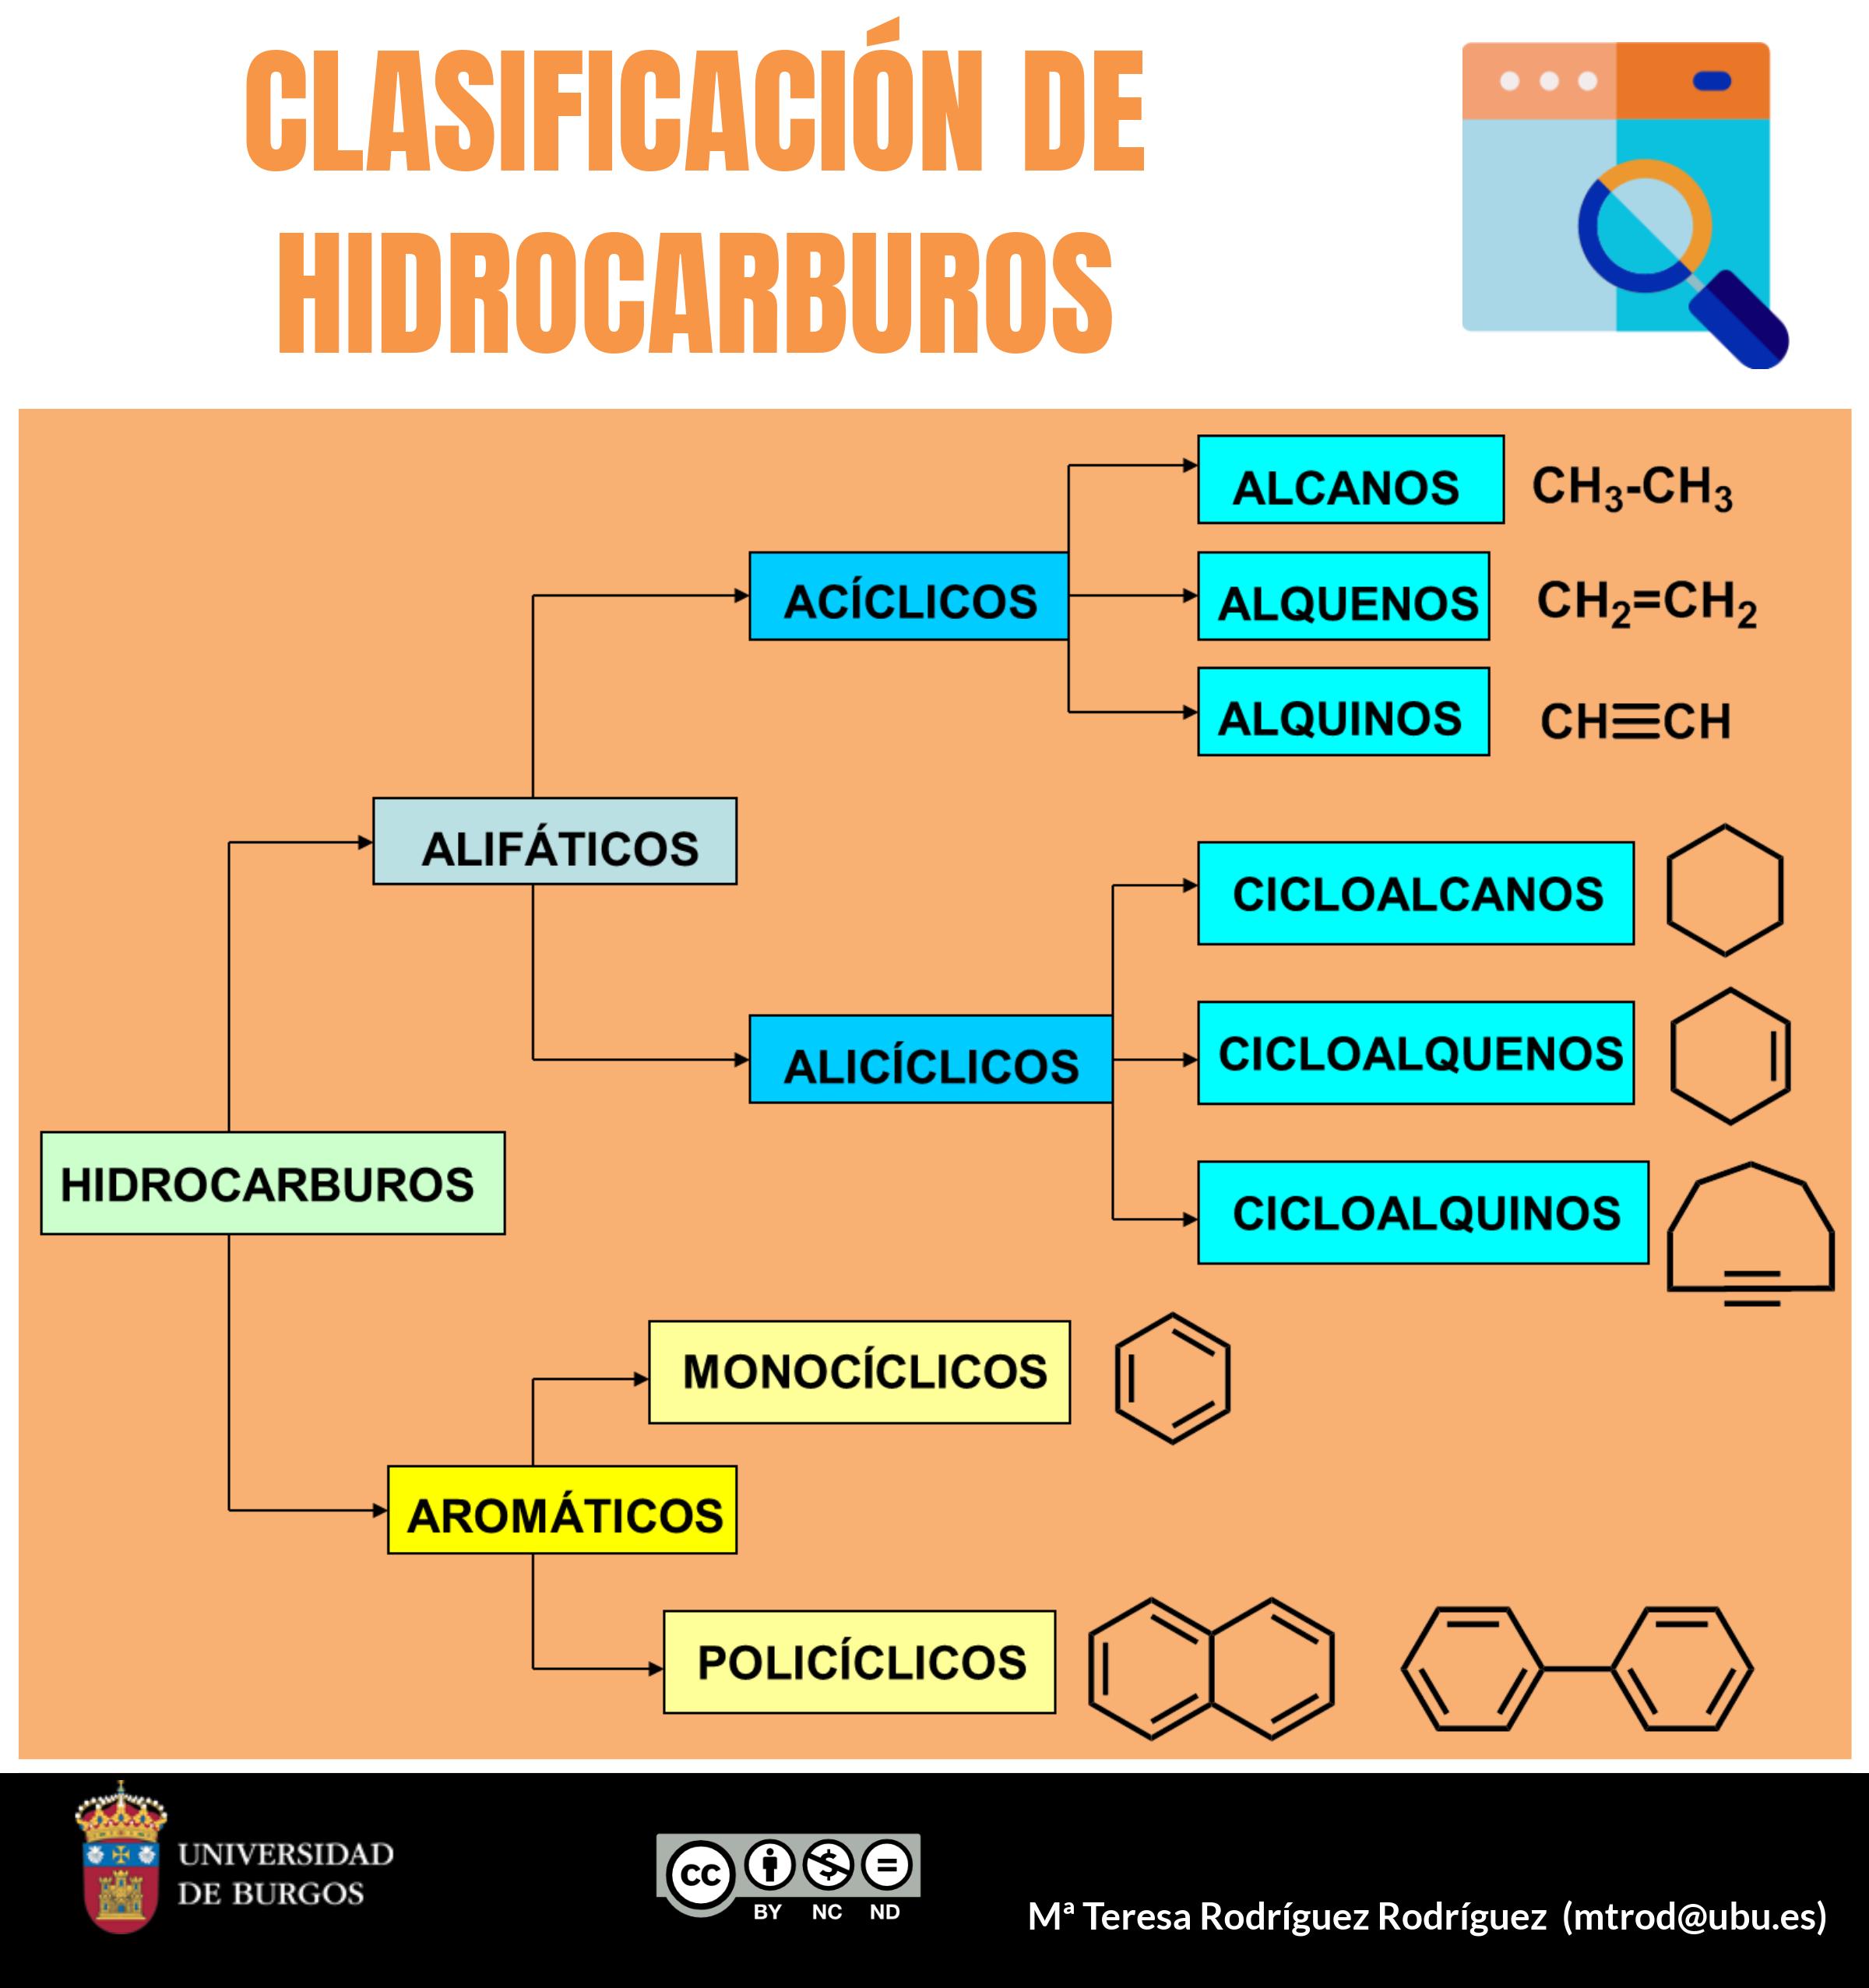 Clasificación De Hidrocarburos Enseñanza De Química Nomenclatura Química Clase De Química